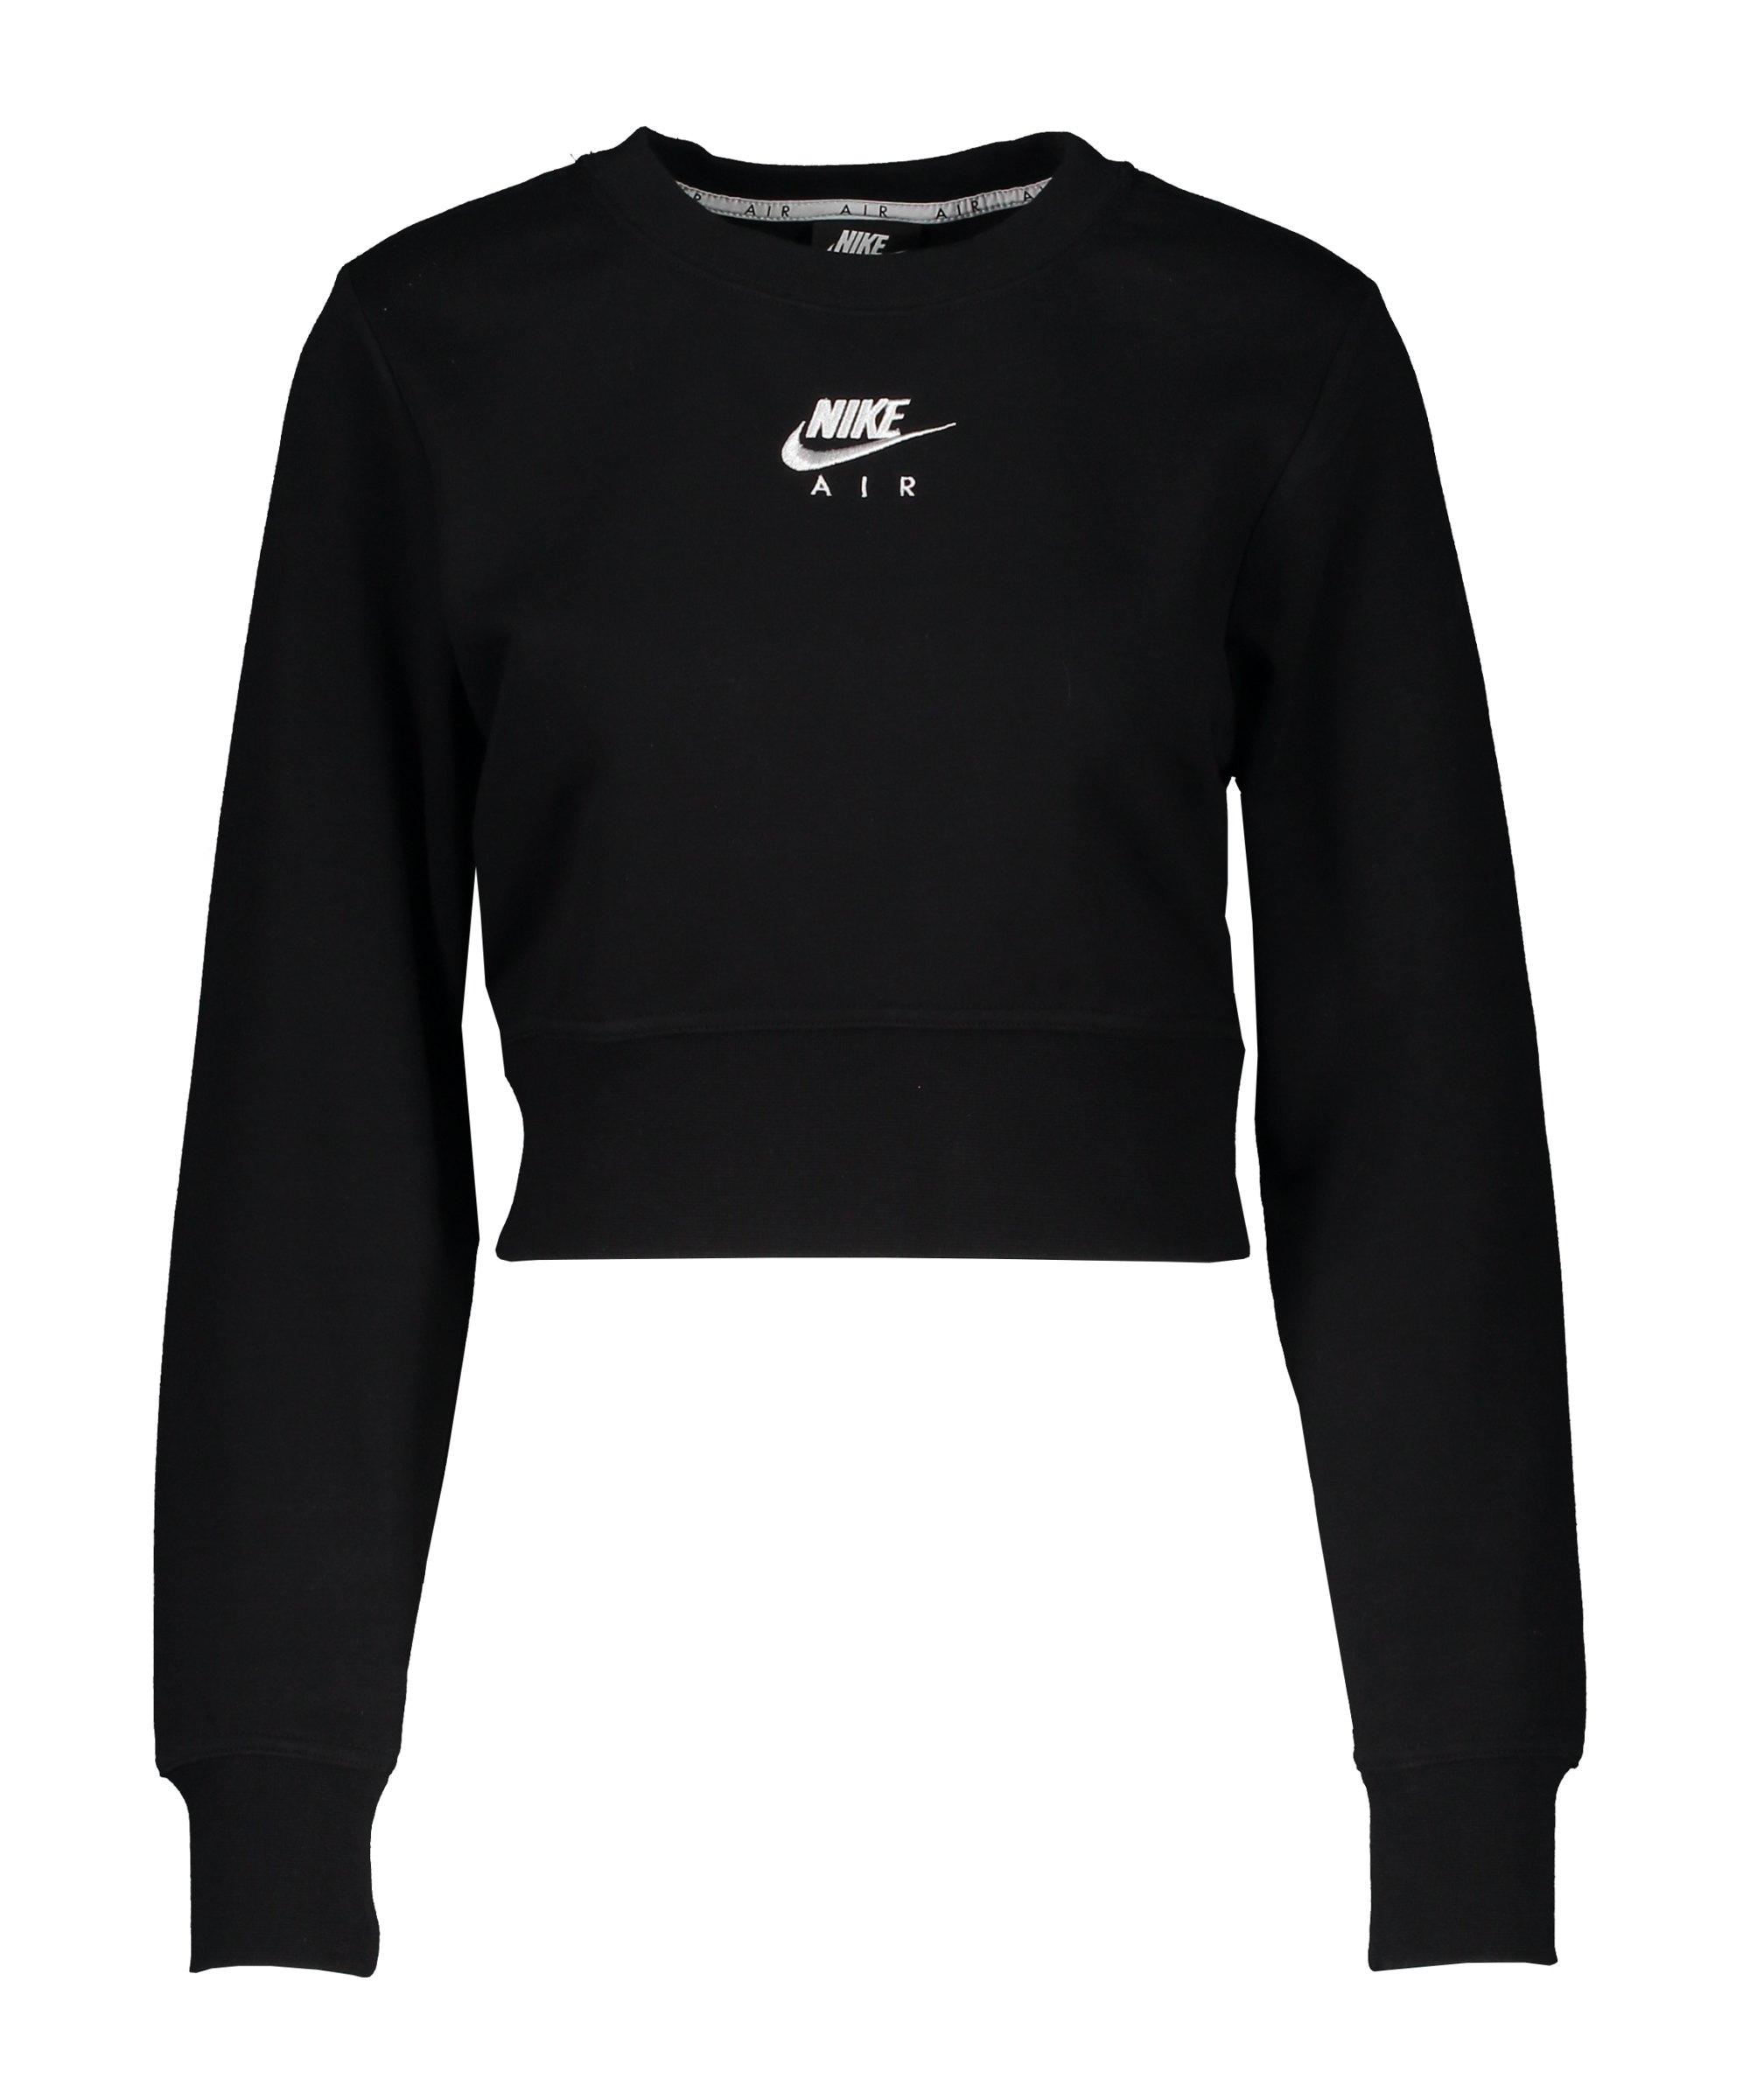 Nike Air Crew Fleece Sweatshirt Damen Schwarz F010 - schwarz